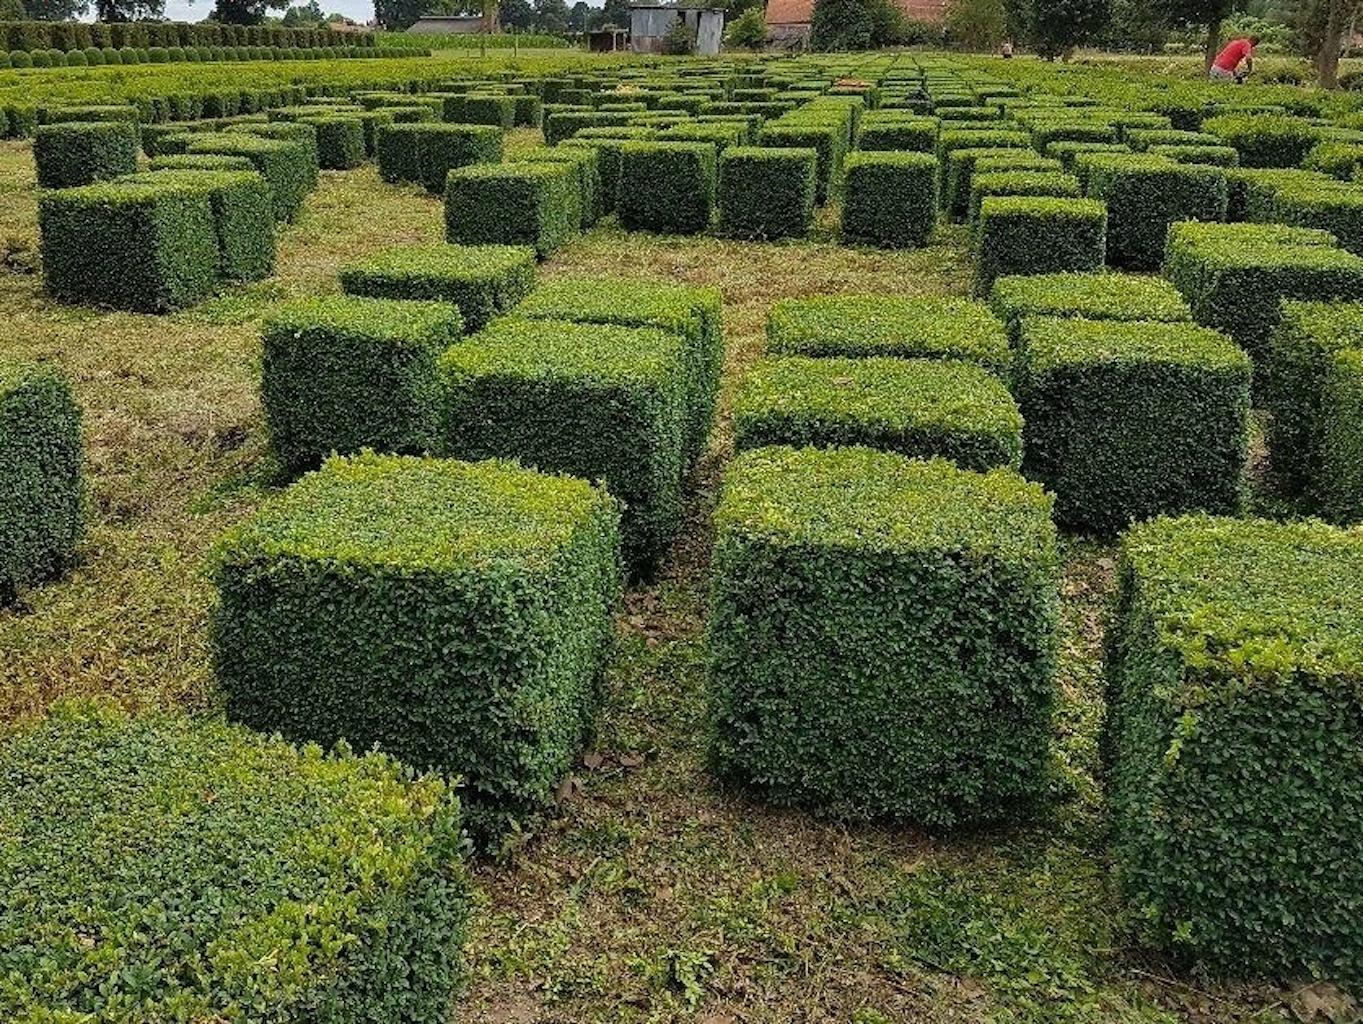 Buxus sempervirens cubes 60cm x 60cm and 70cm x 70cm